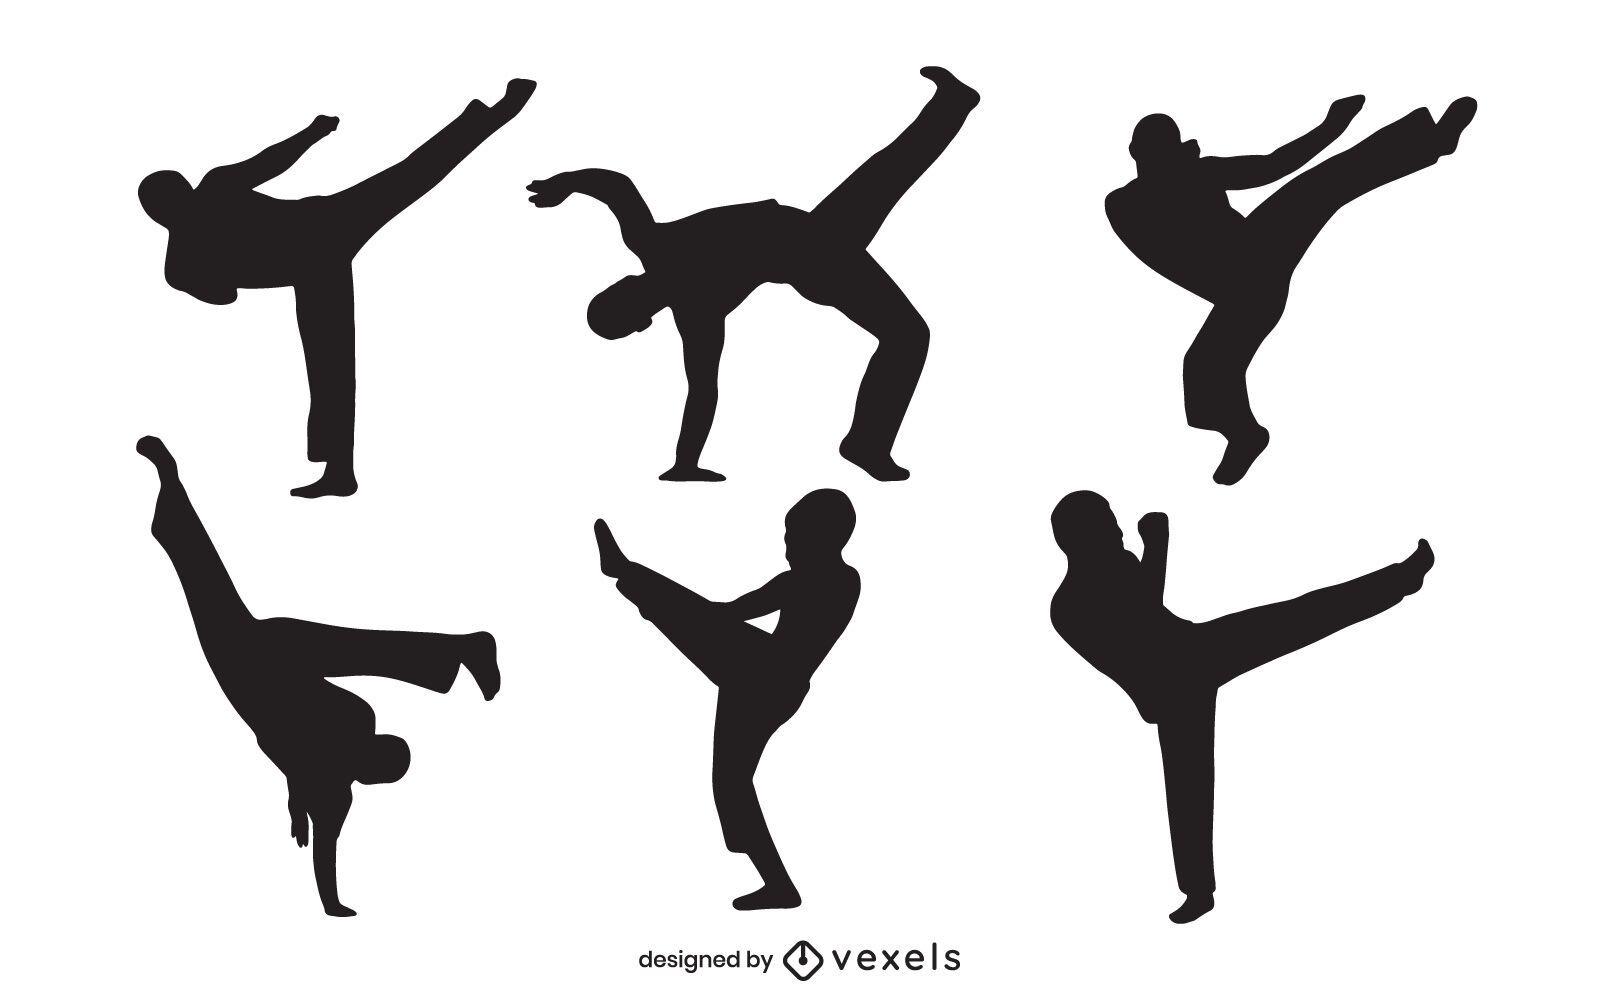 Capoeira silhouette set